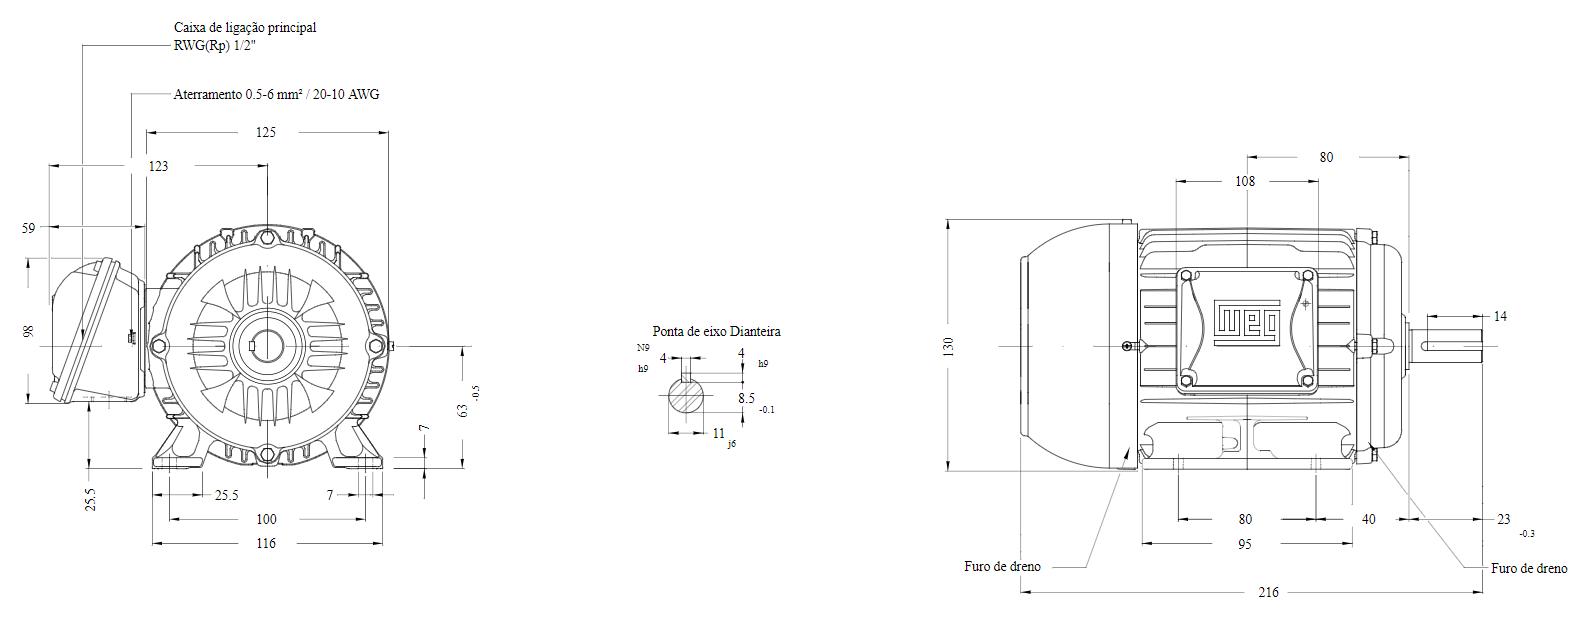 Motor elétrico Weg W22 IR3 Premium 0.33 cv 4P 63 3F 220/380 V 60 Hz IC411 - TFVE - B3D